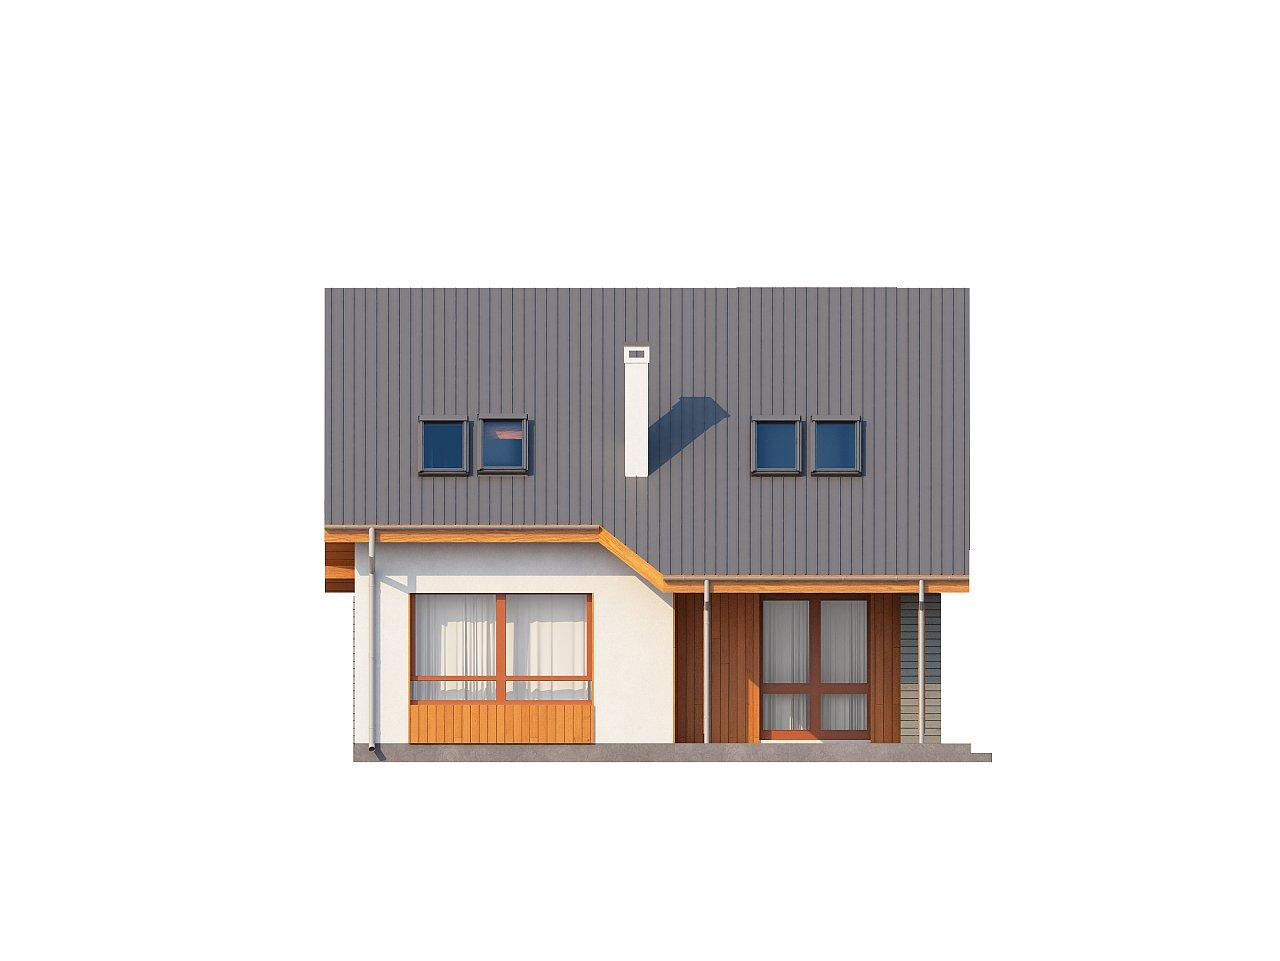 Проект небольшого практичного дома, выгодного в строительстве и эксплуатации. - фото 4